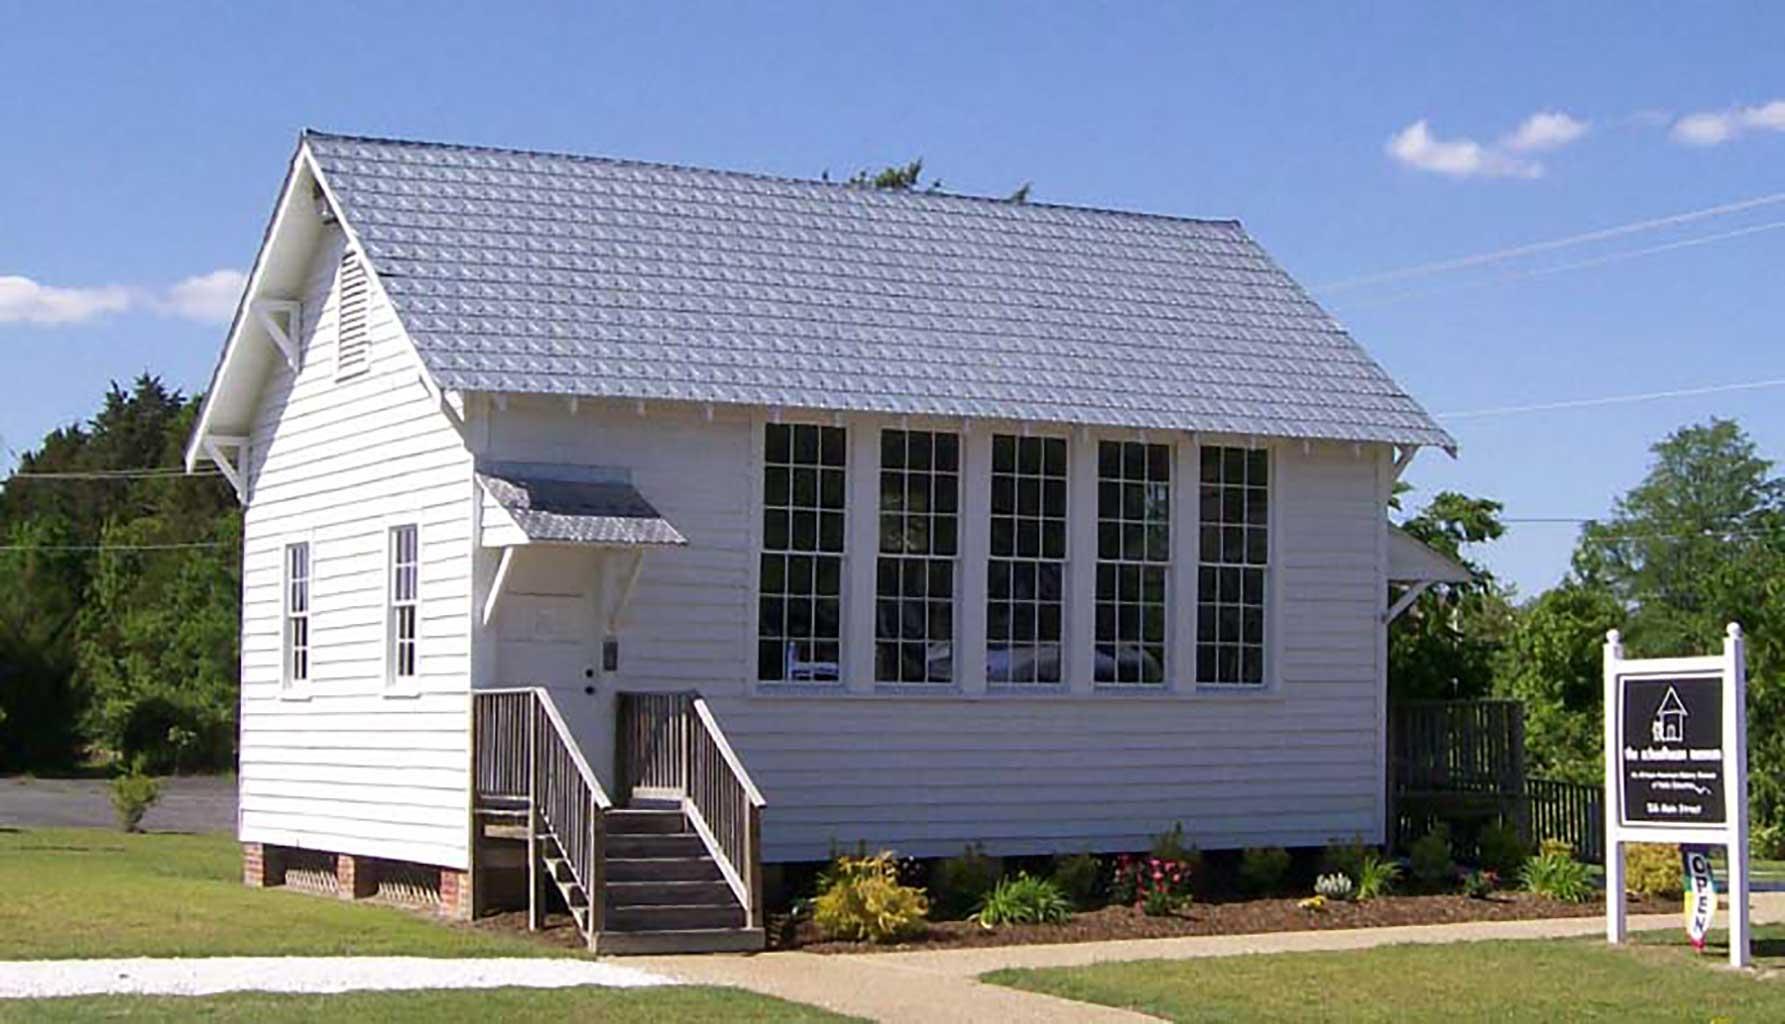 1932-christian-home-schoolhouse